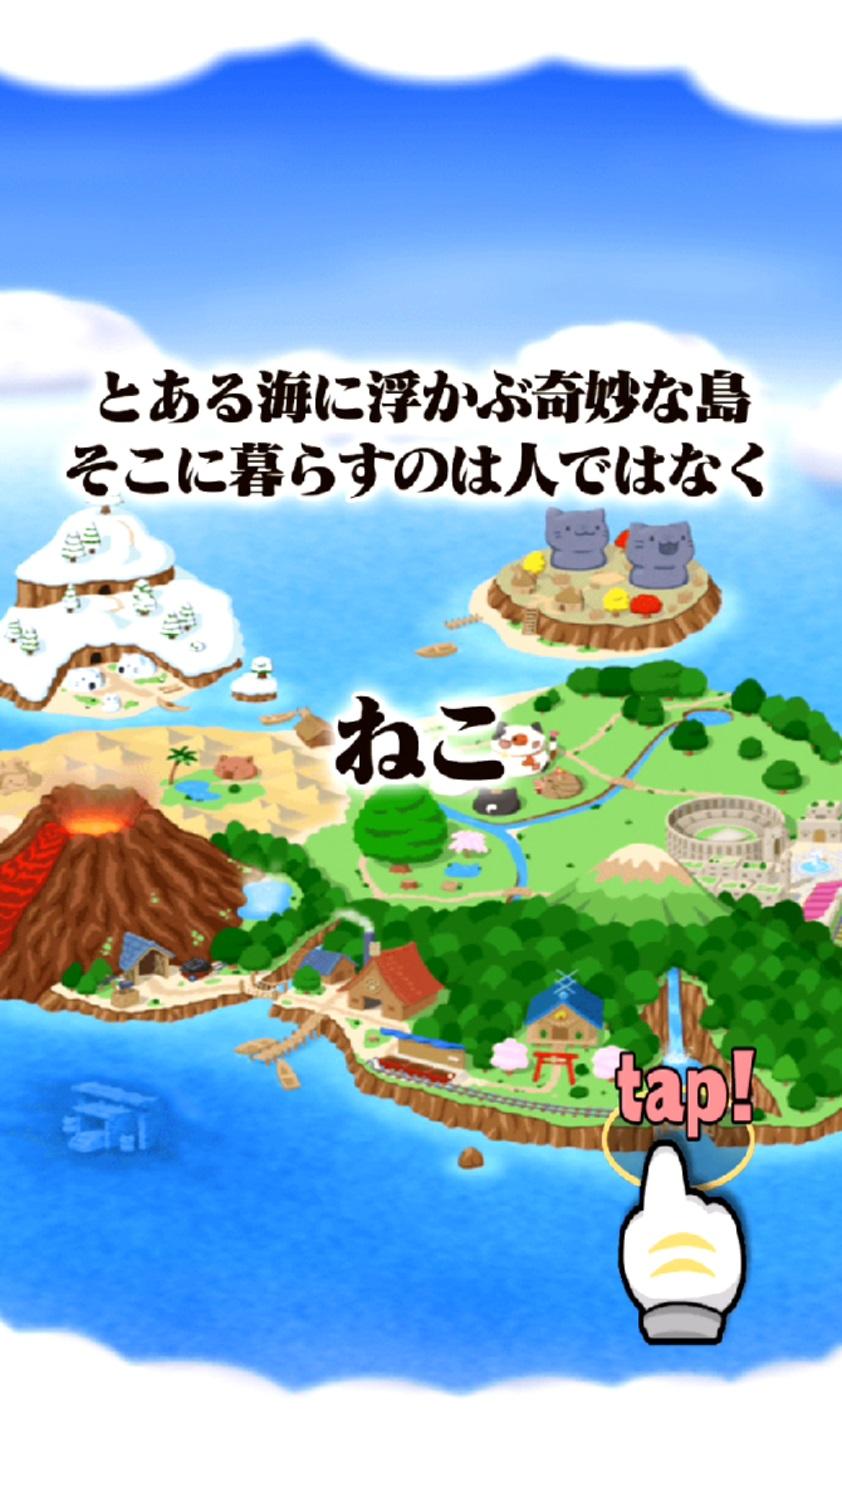 androidアプリ にゃんこ島 スマッシュバトル攻略スクリーンショット2